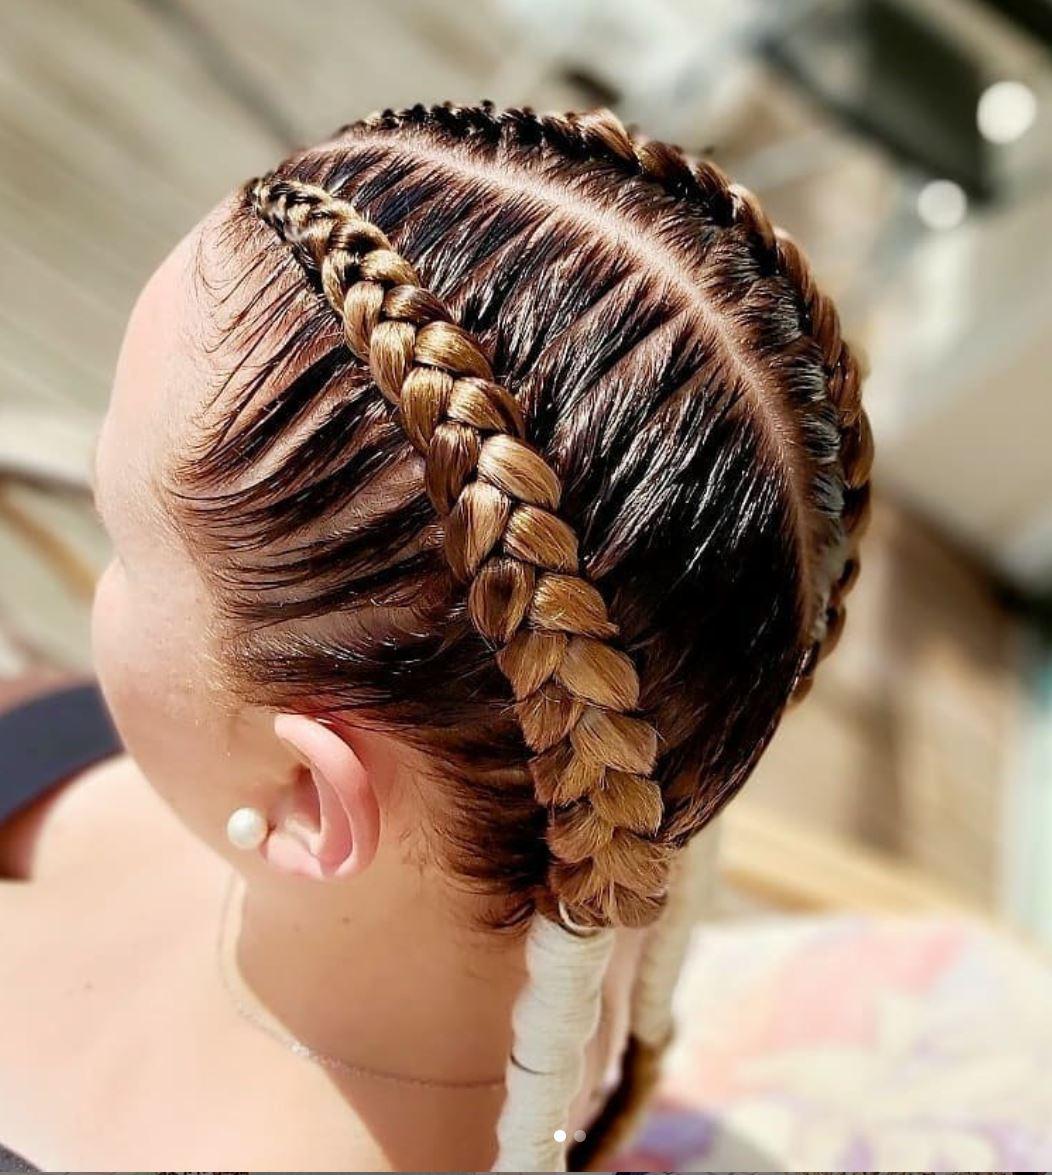 salon de coiffure afro tresse tresses box braids crochet braids vanilles tissages paris 75 77 78 91 92 93 94 95 SESUJDTD